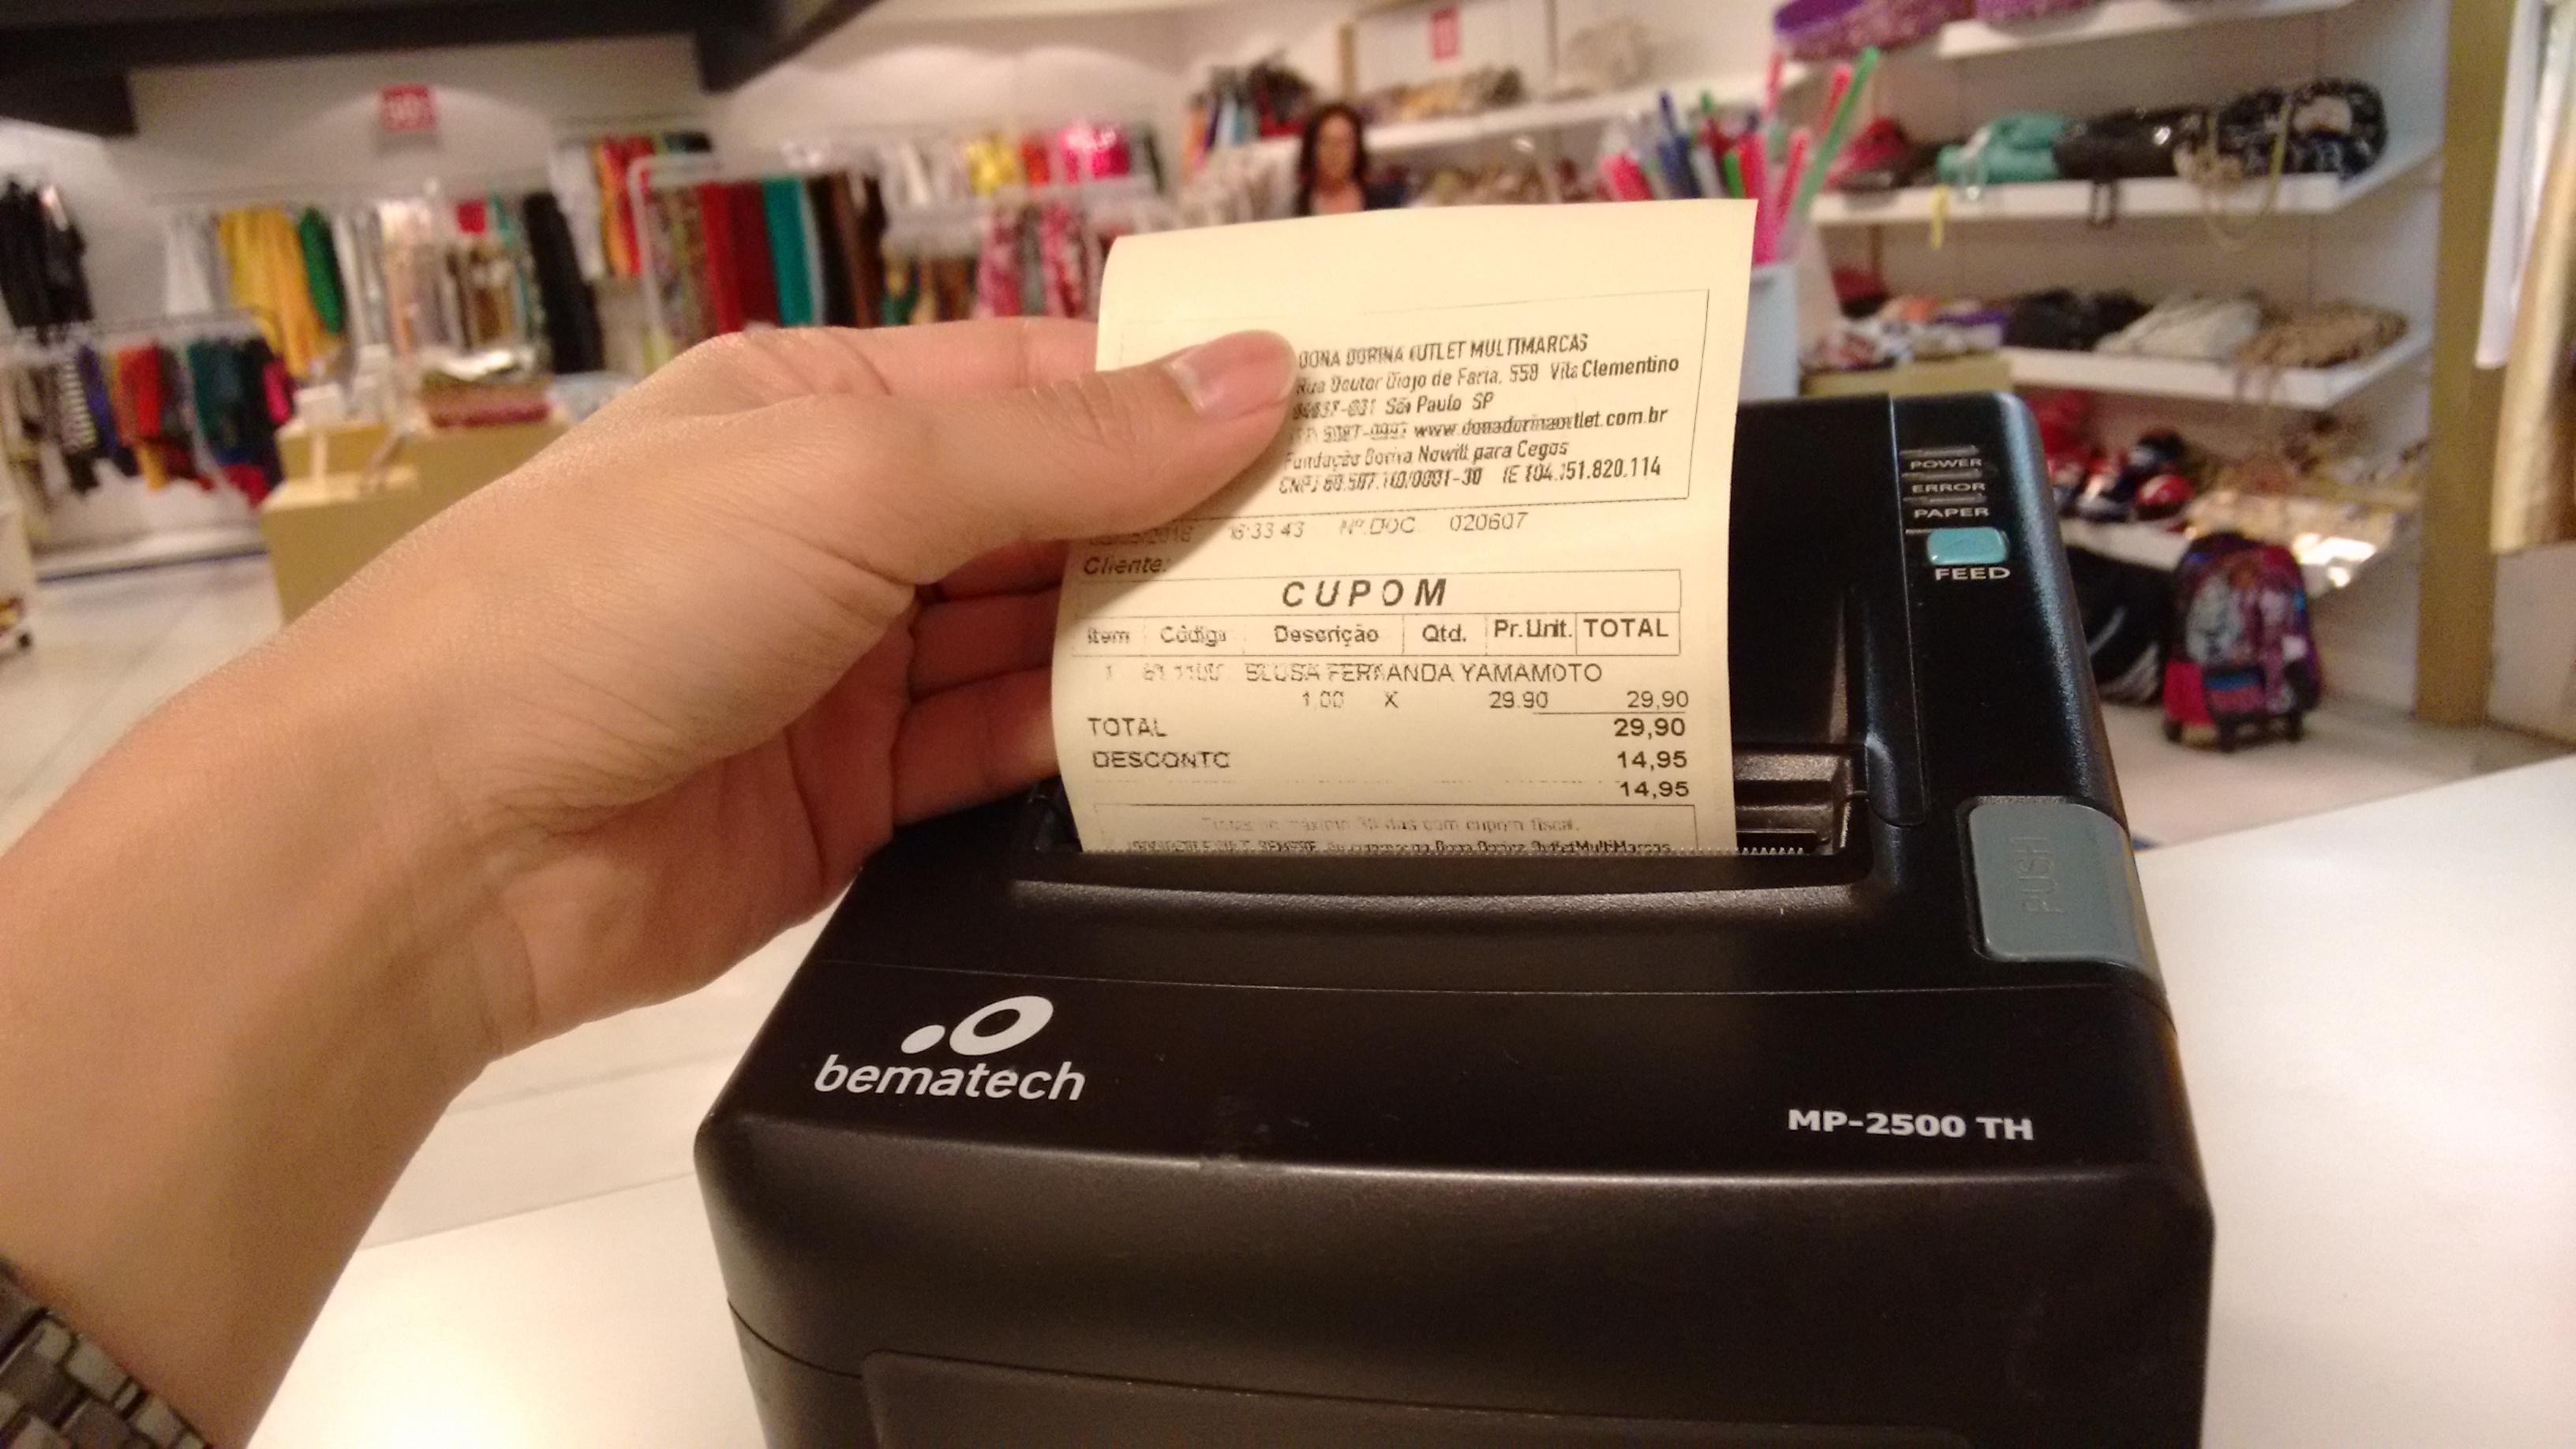 Foto de uma mão segurando um cupom fiscal que está saindo de uma máquina. Ao fundo está o salão do Outlet da Fundação, com diversas peças expostas para venda.